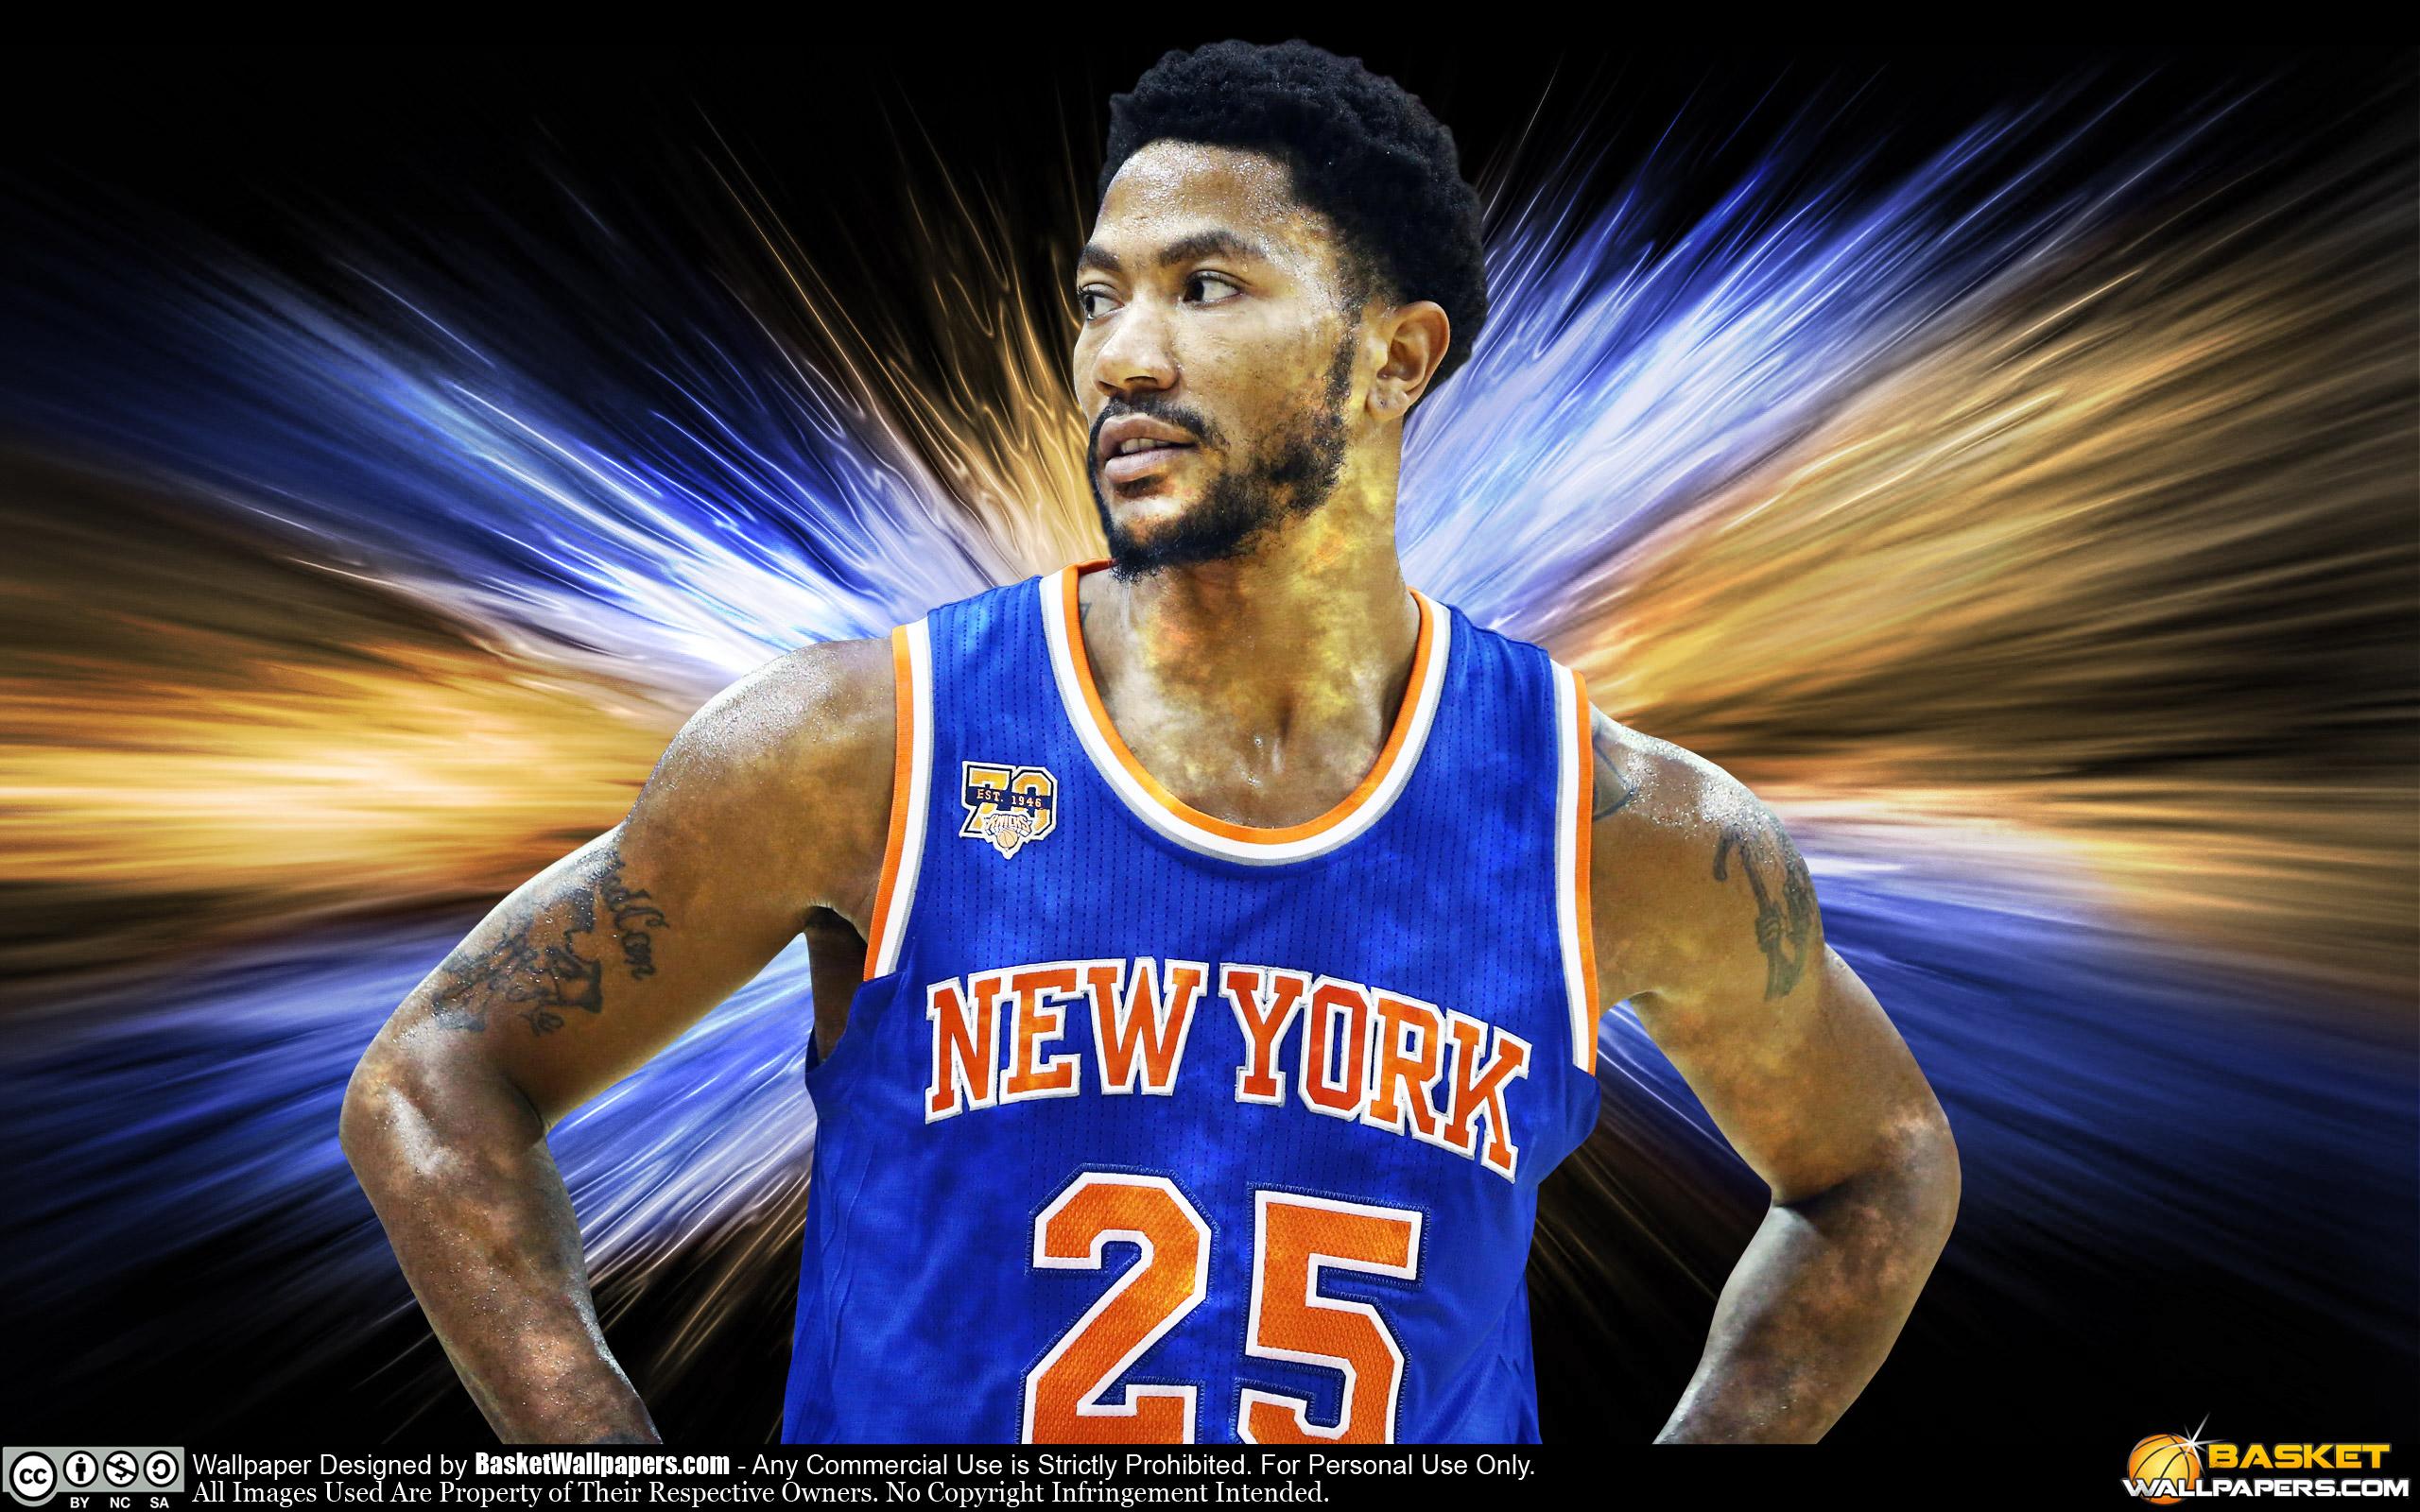 Derrick Rose New York Knicks 2016 Wallpaper Basketball 2560x1600